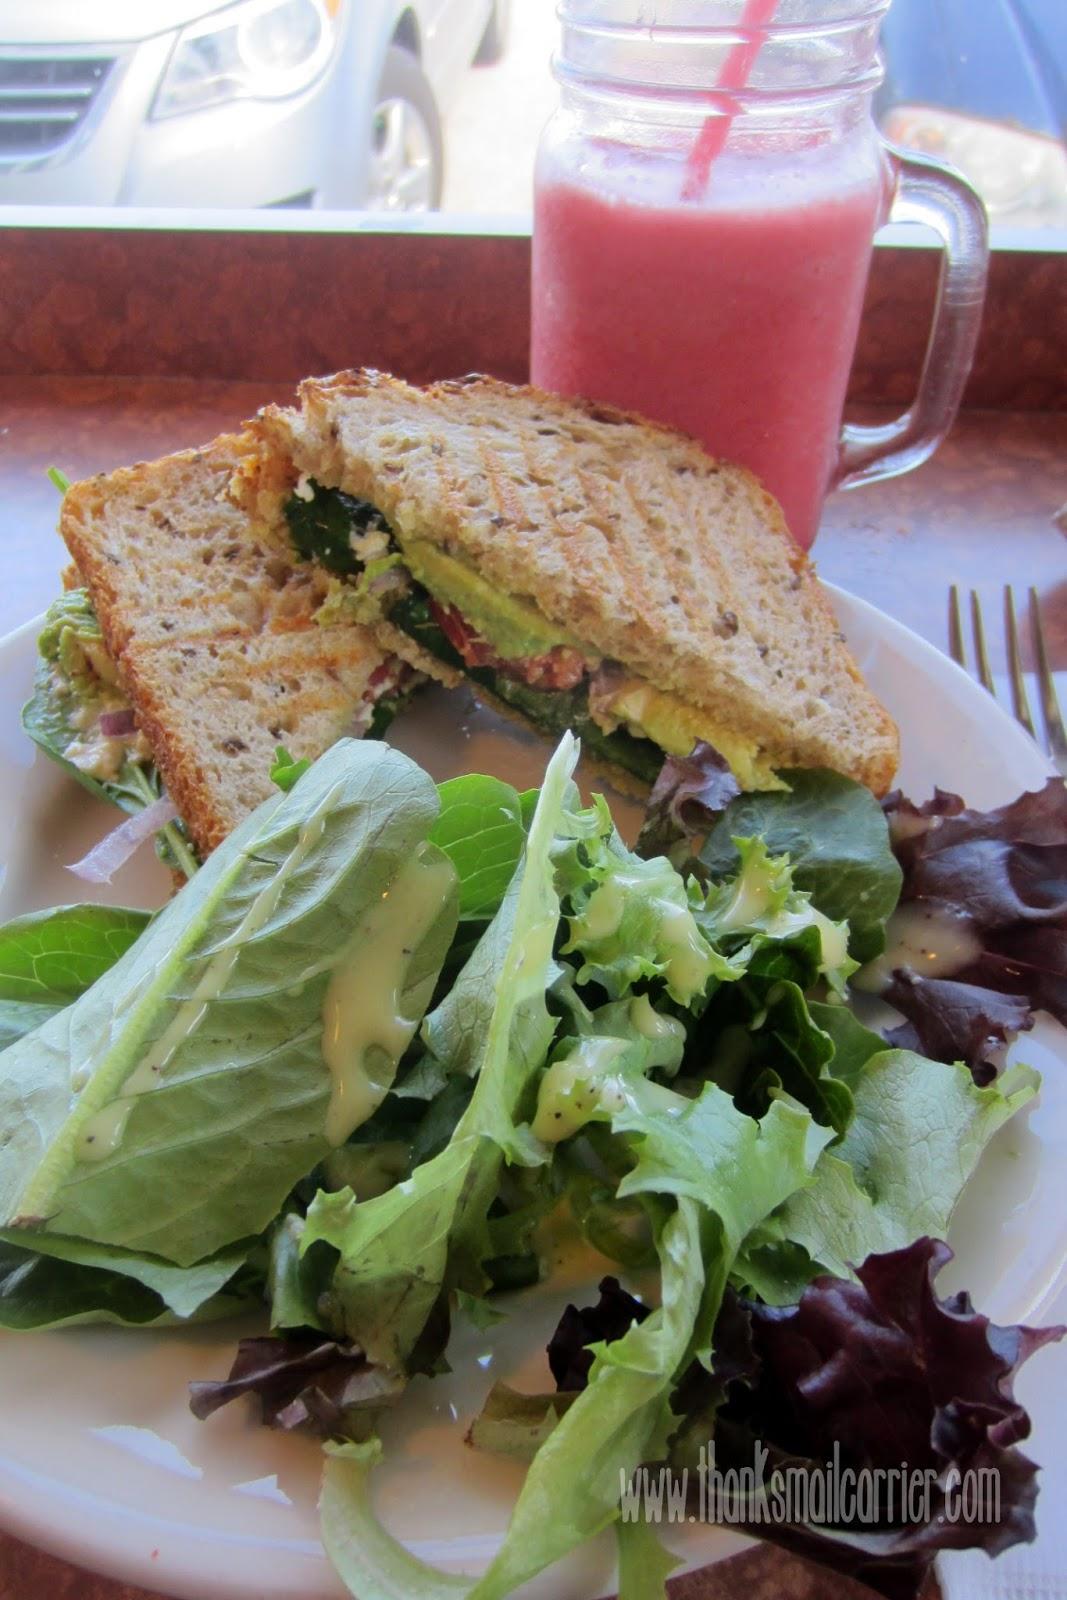 Cafe Maya sandwiches